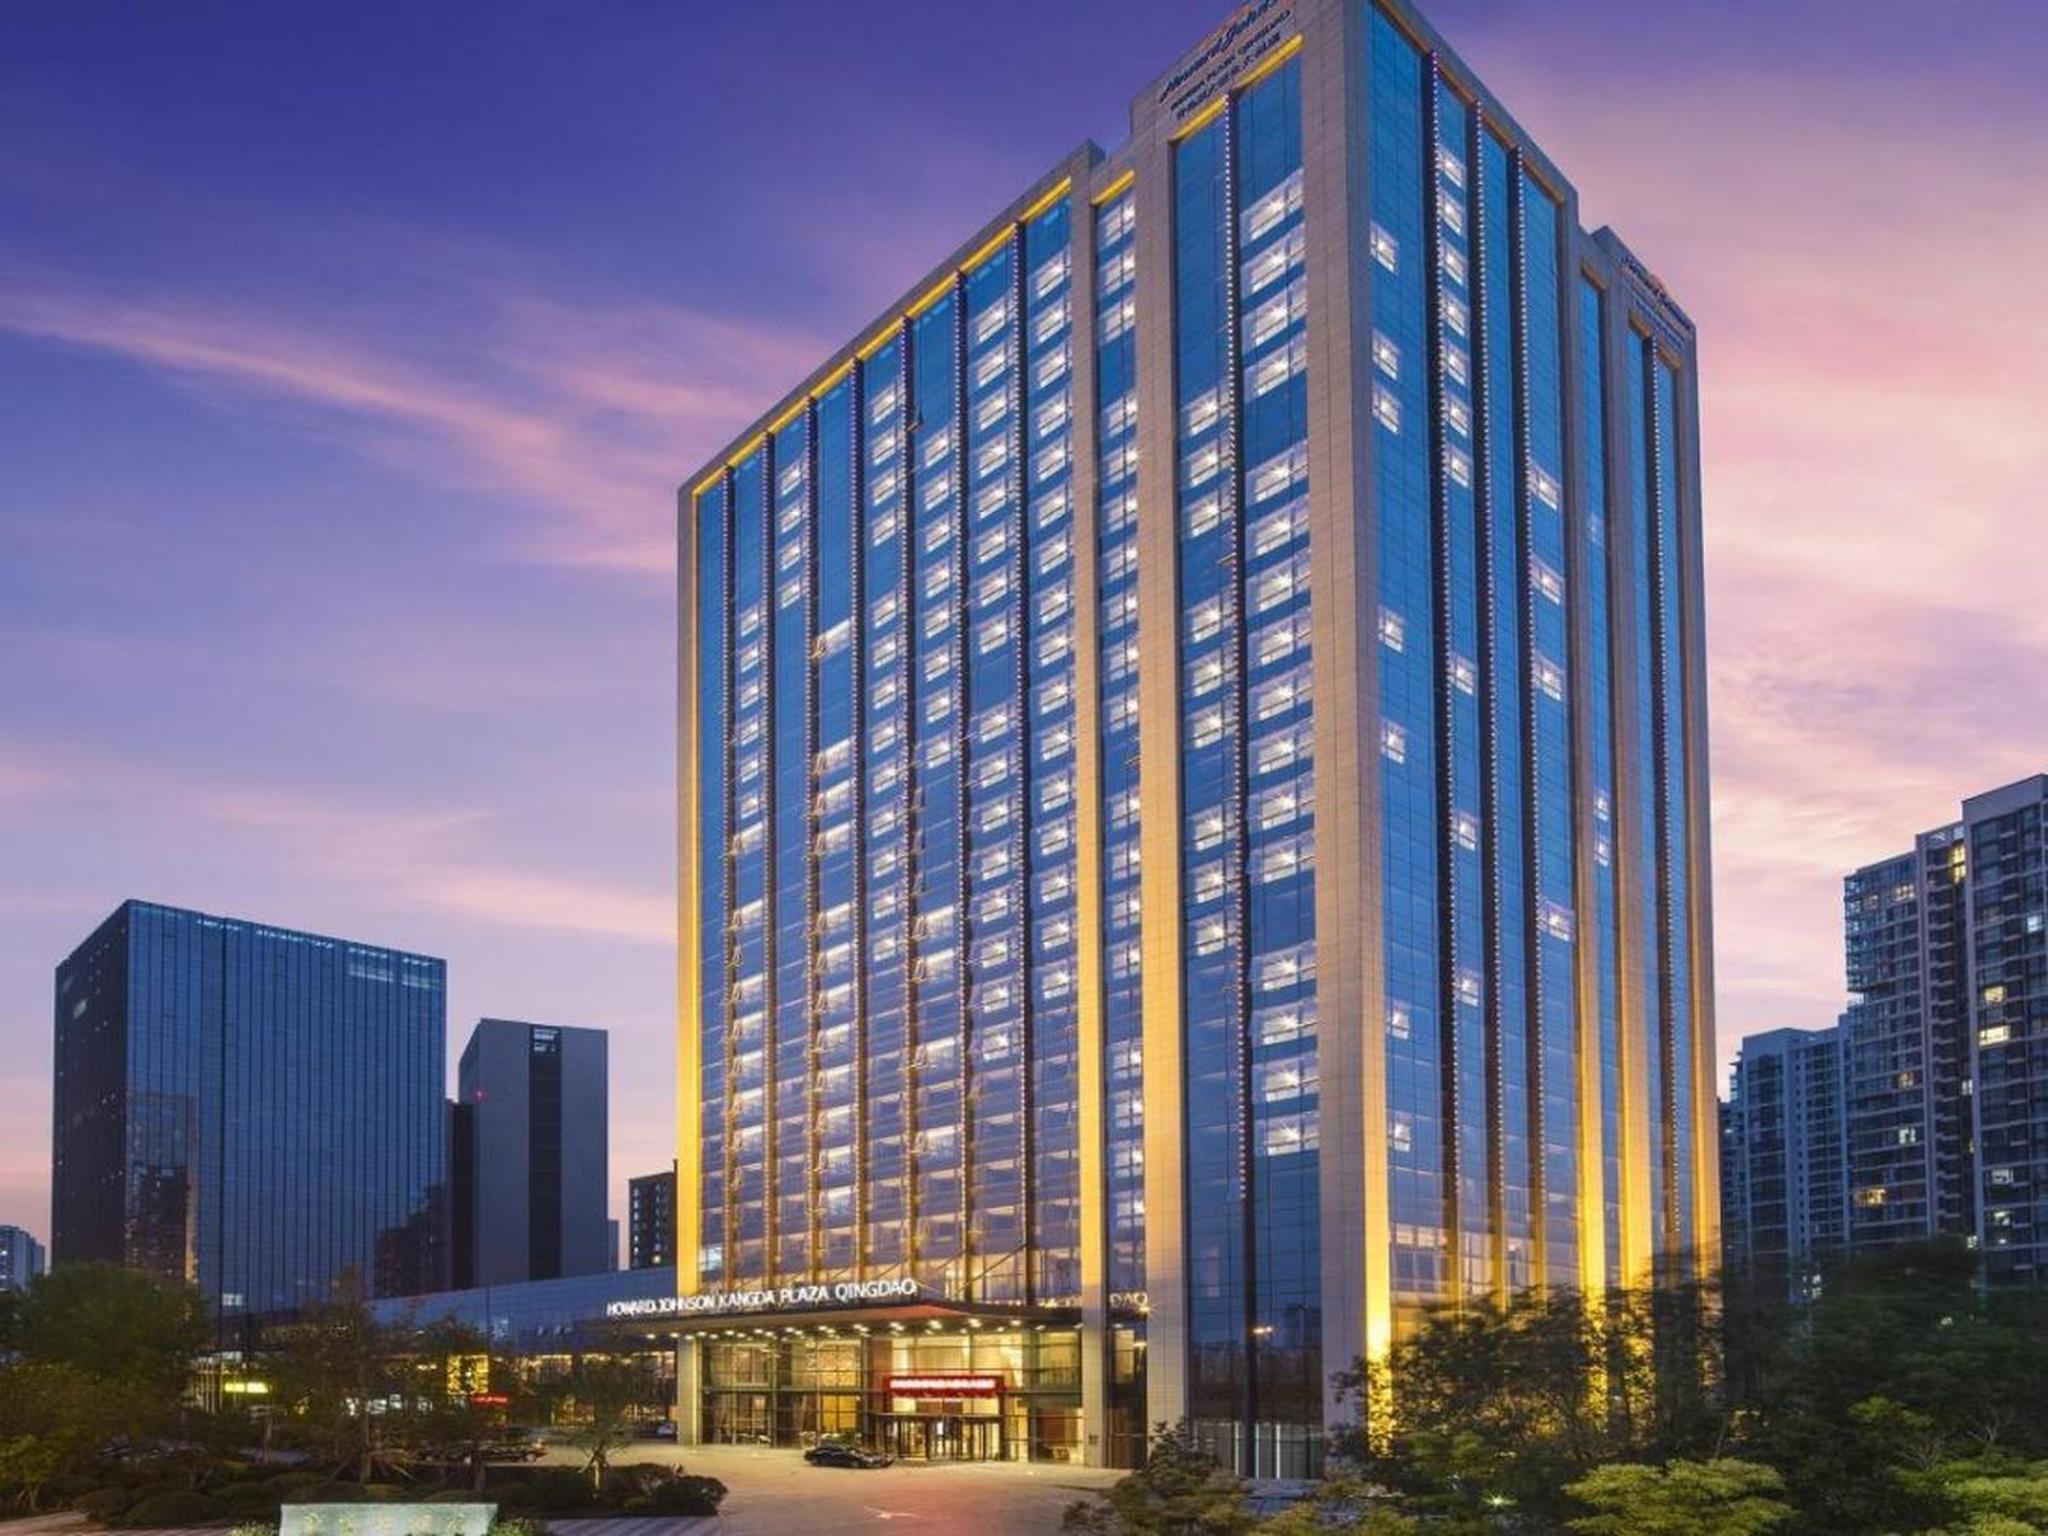 Howard Johnson Kangda Plaza Qingdao Hotel